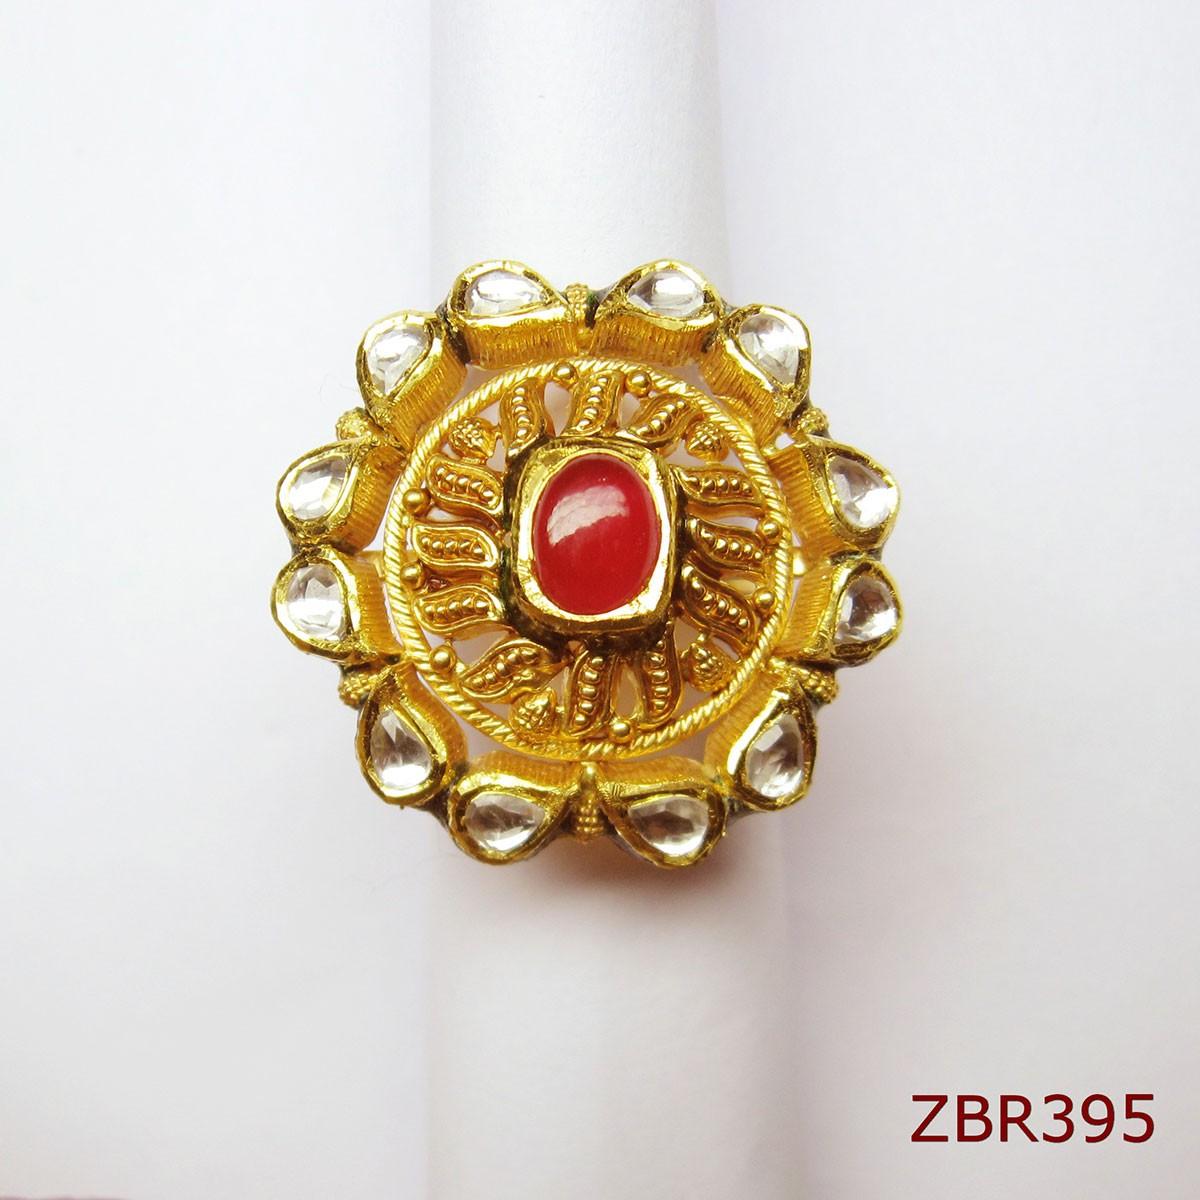 ZBR395